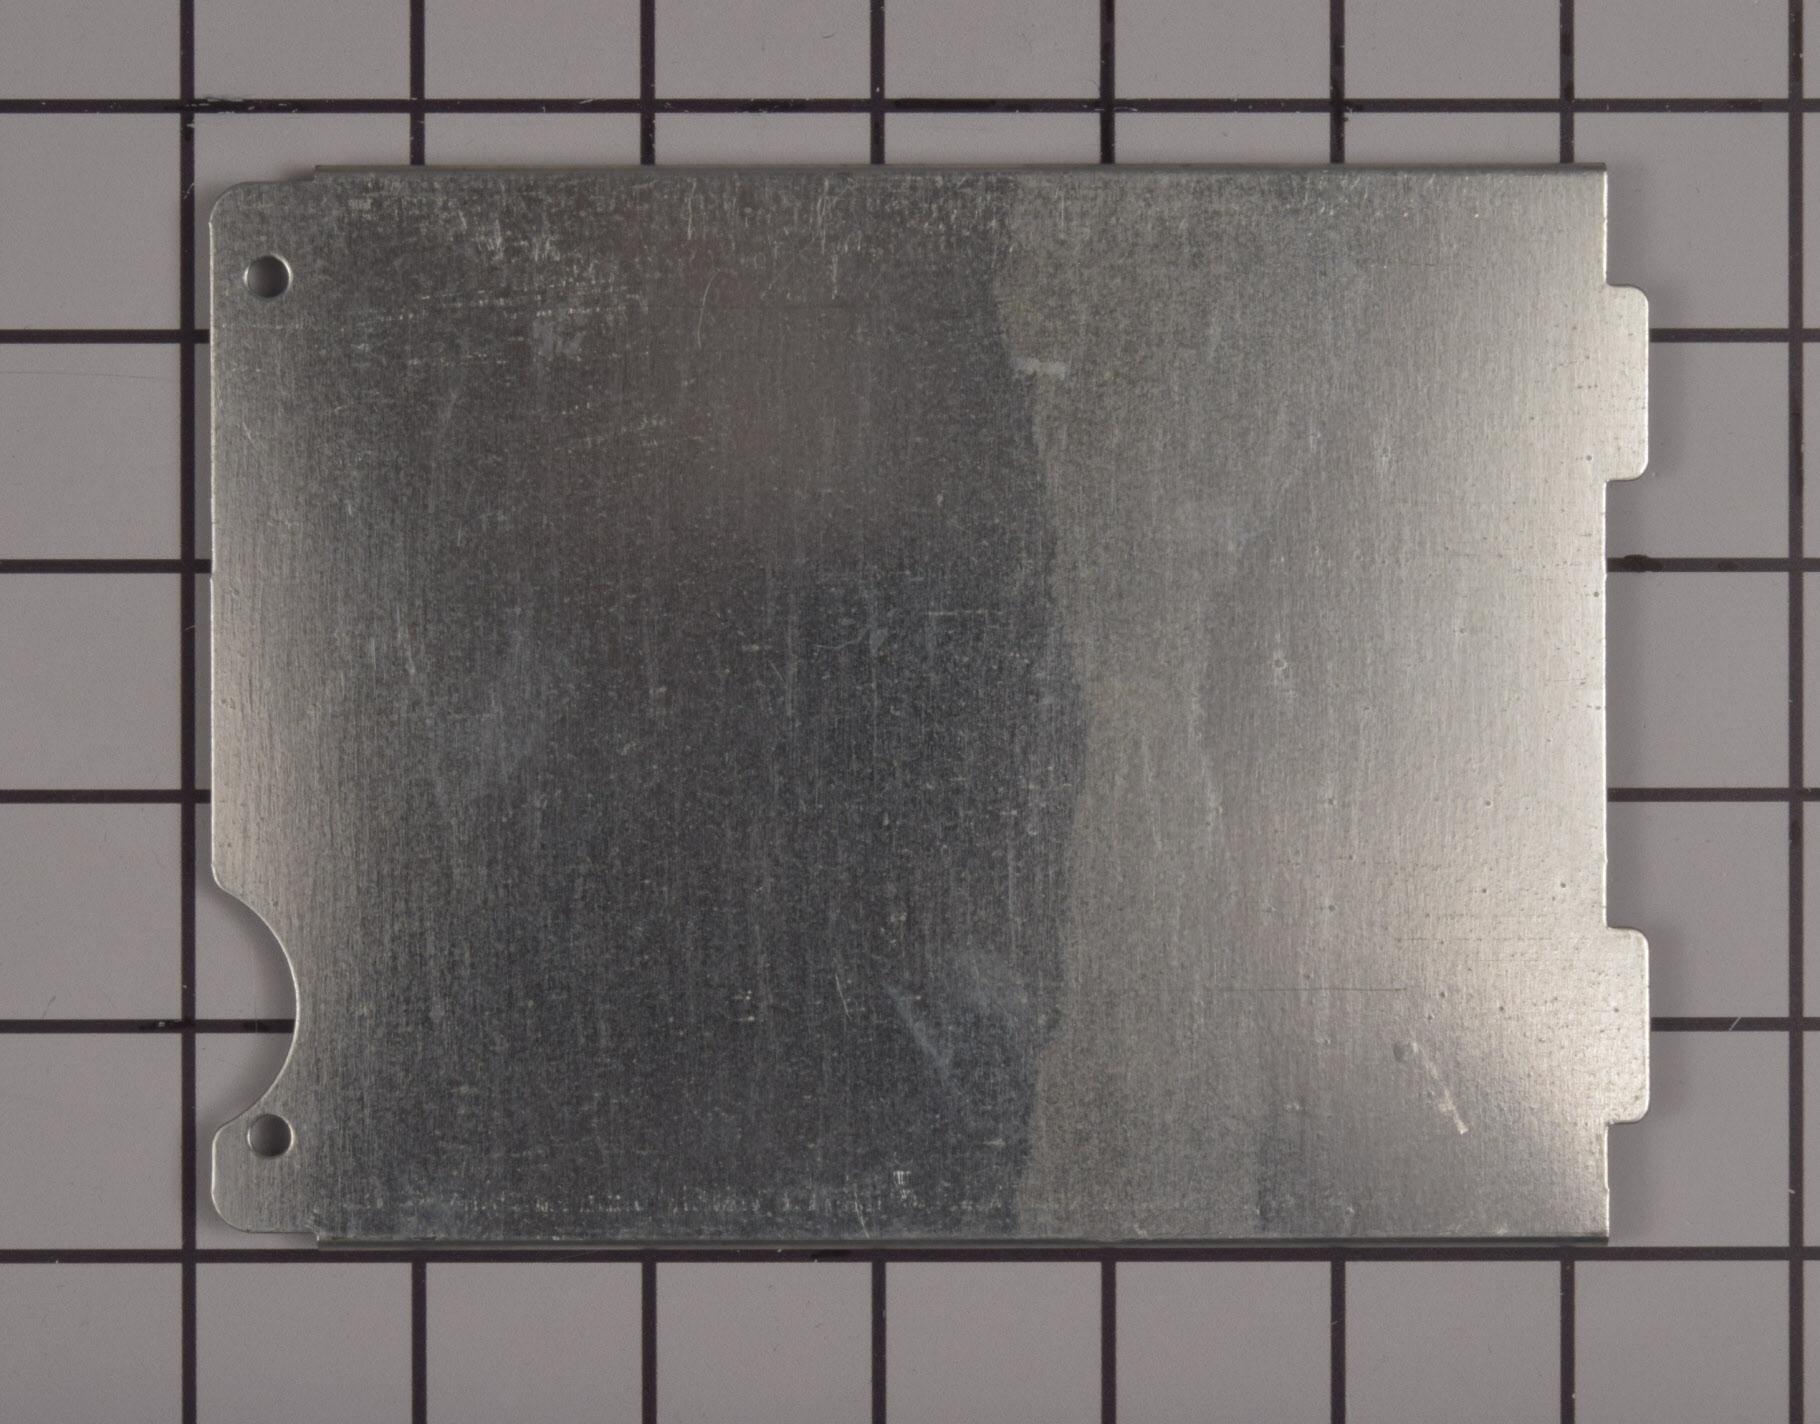 KitchenAid Range/Stove/Oven Part # 9757405 - Cover